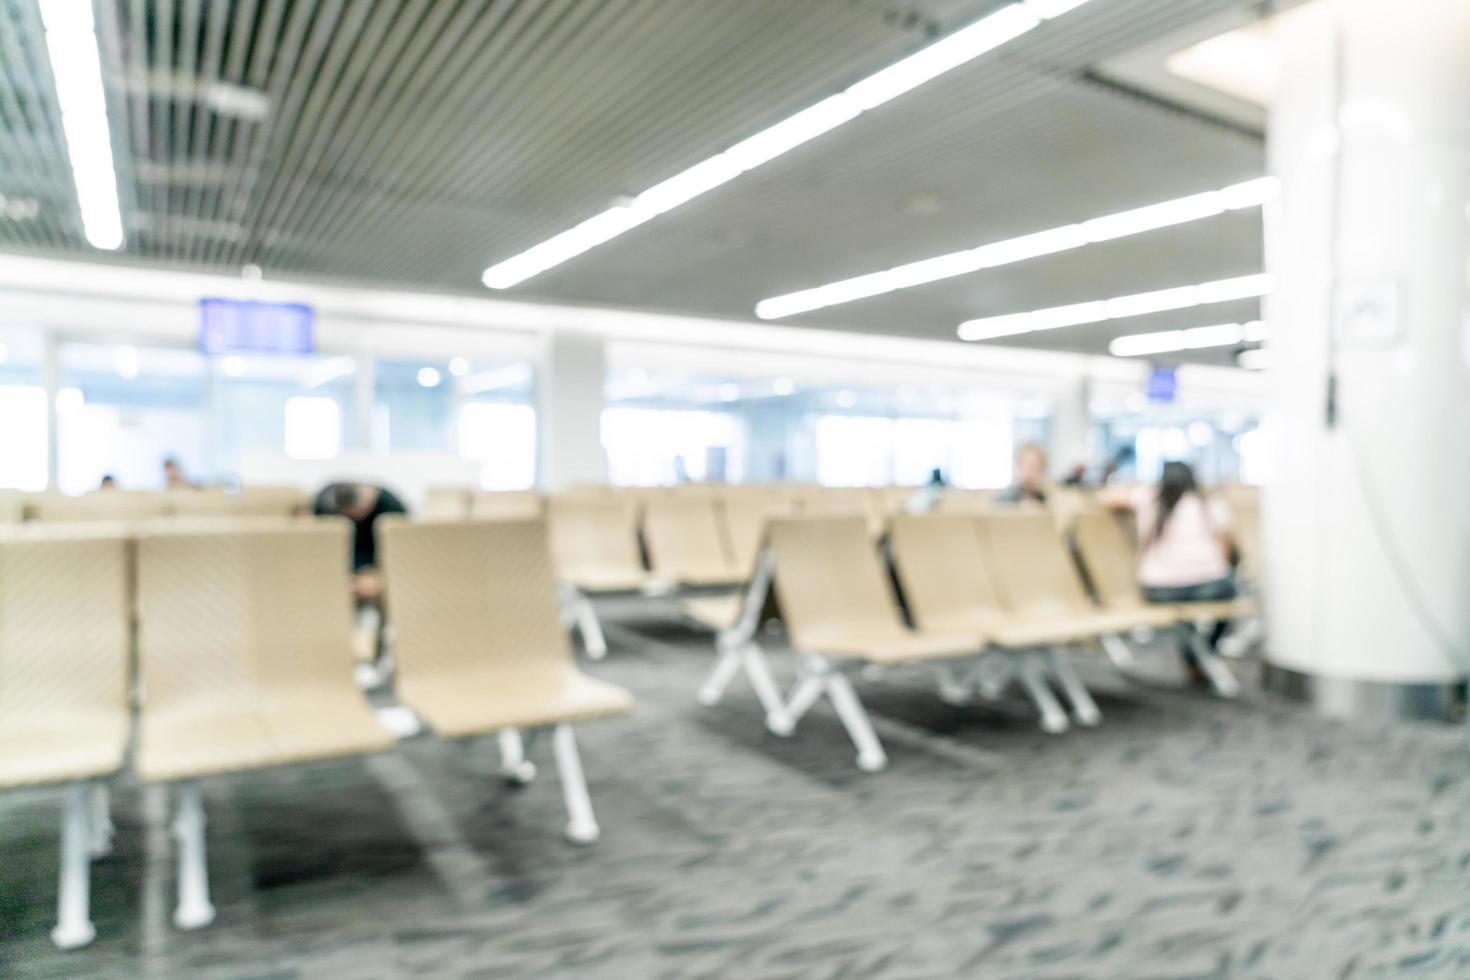 Desenfoque abstracto en el aeropuerto de fondo foto